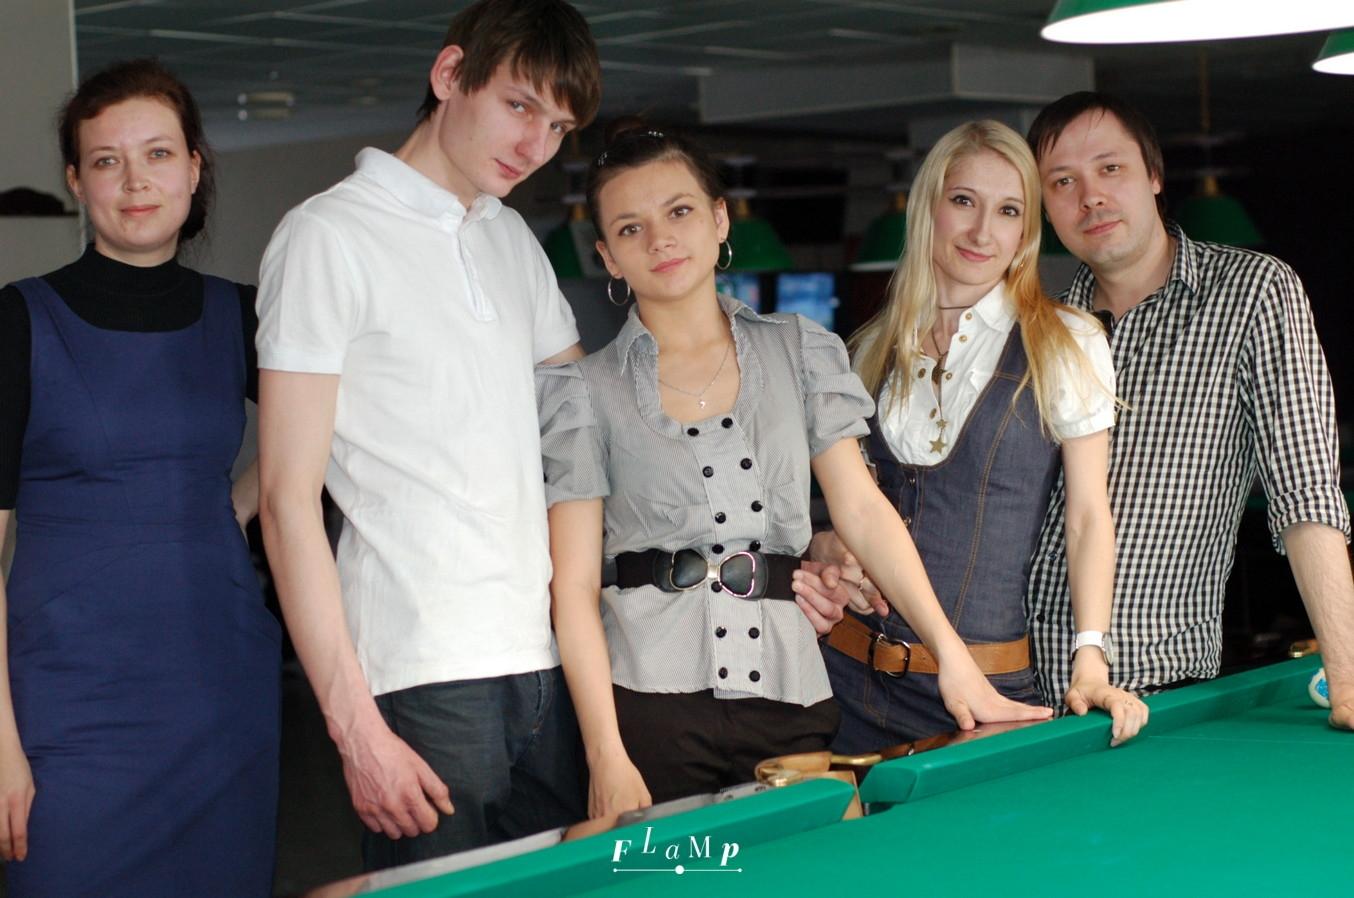 Слева направо: Елена, Илья, Людмила, Ольга, Александр